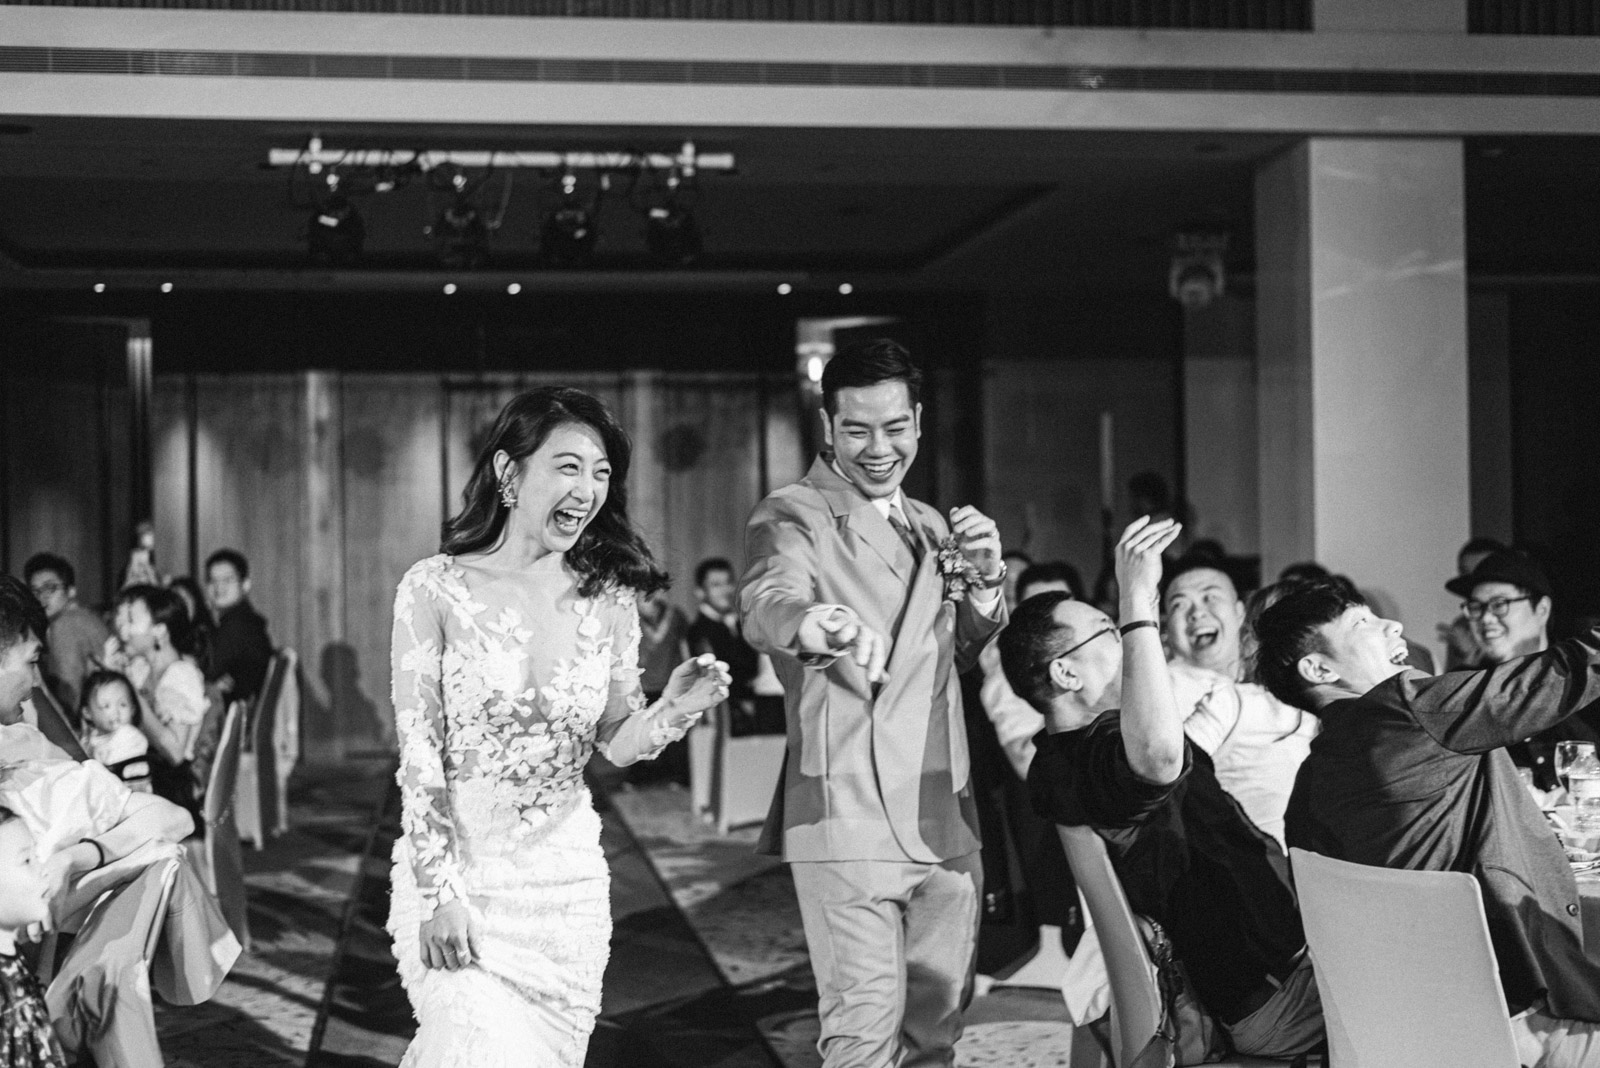 大溪 威斯汀戶外婚禮-戶外婚禮-證婚-底片攝影-mark-hong-唯諾法式禮服婚紗-